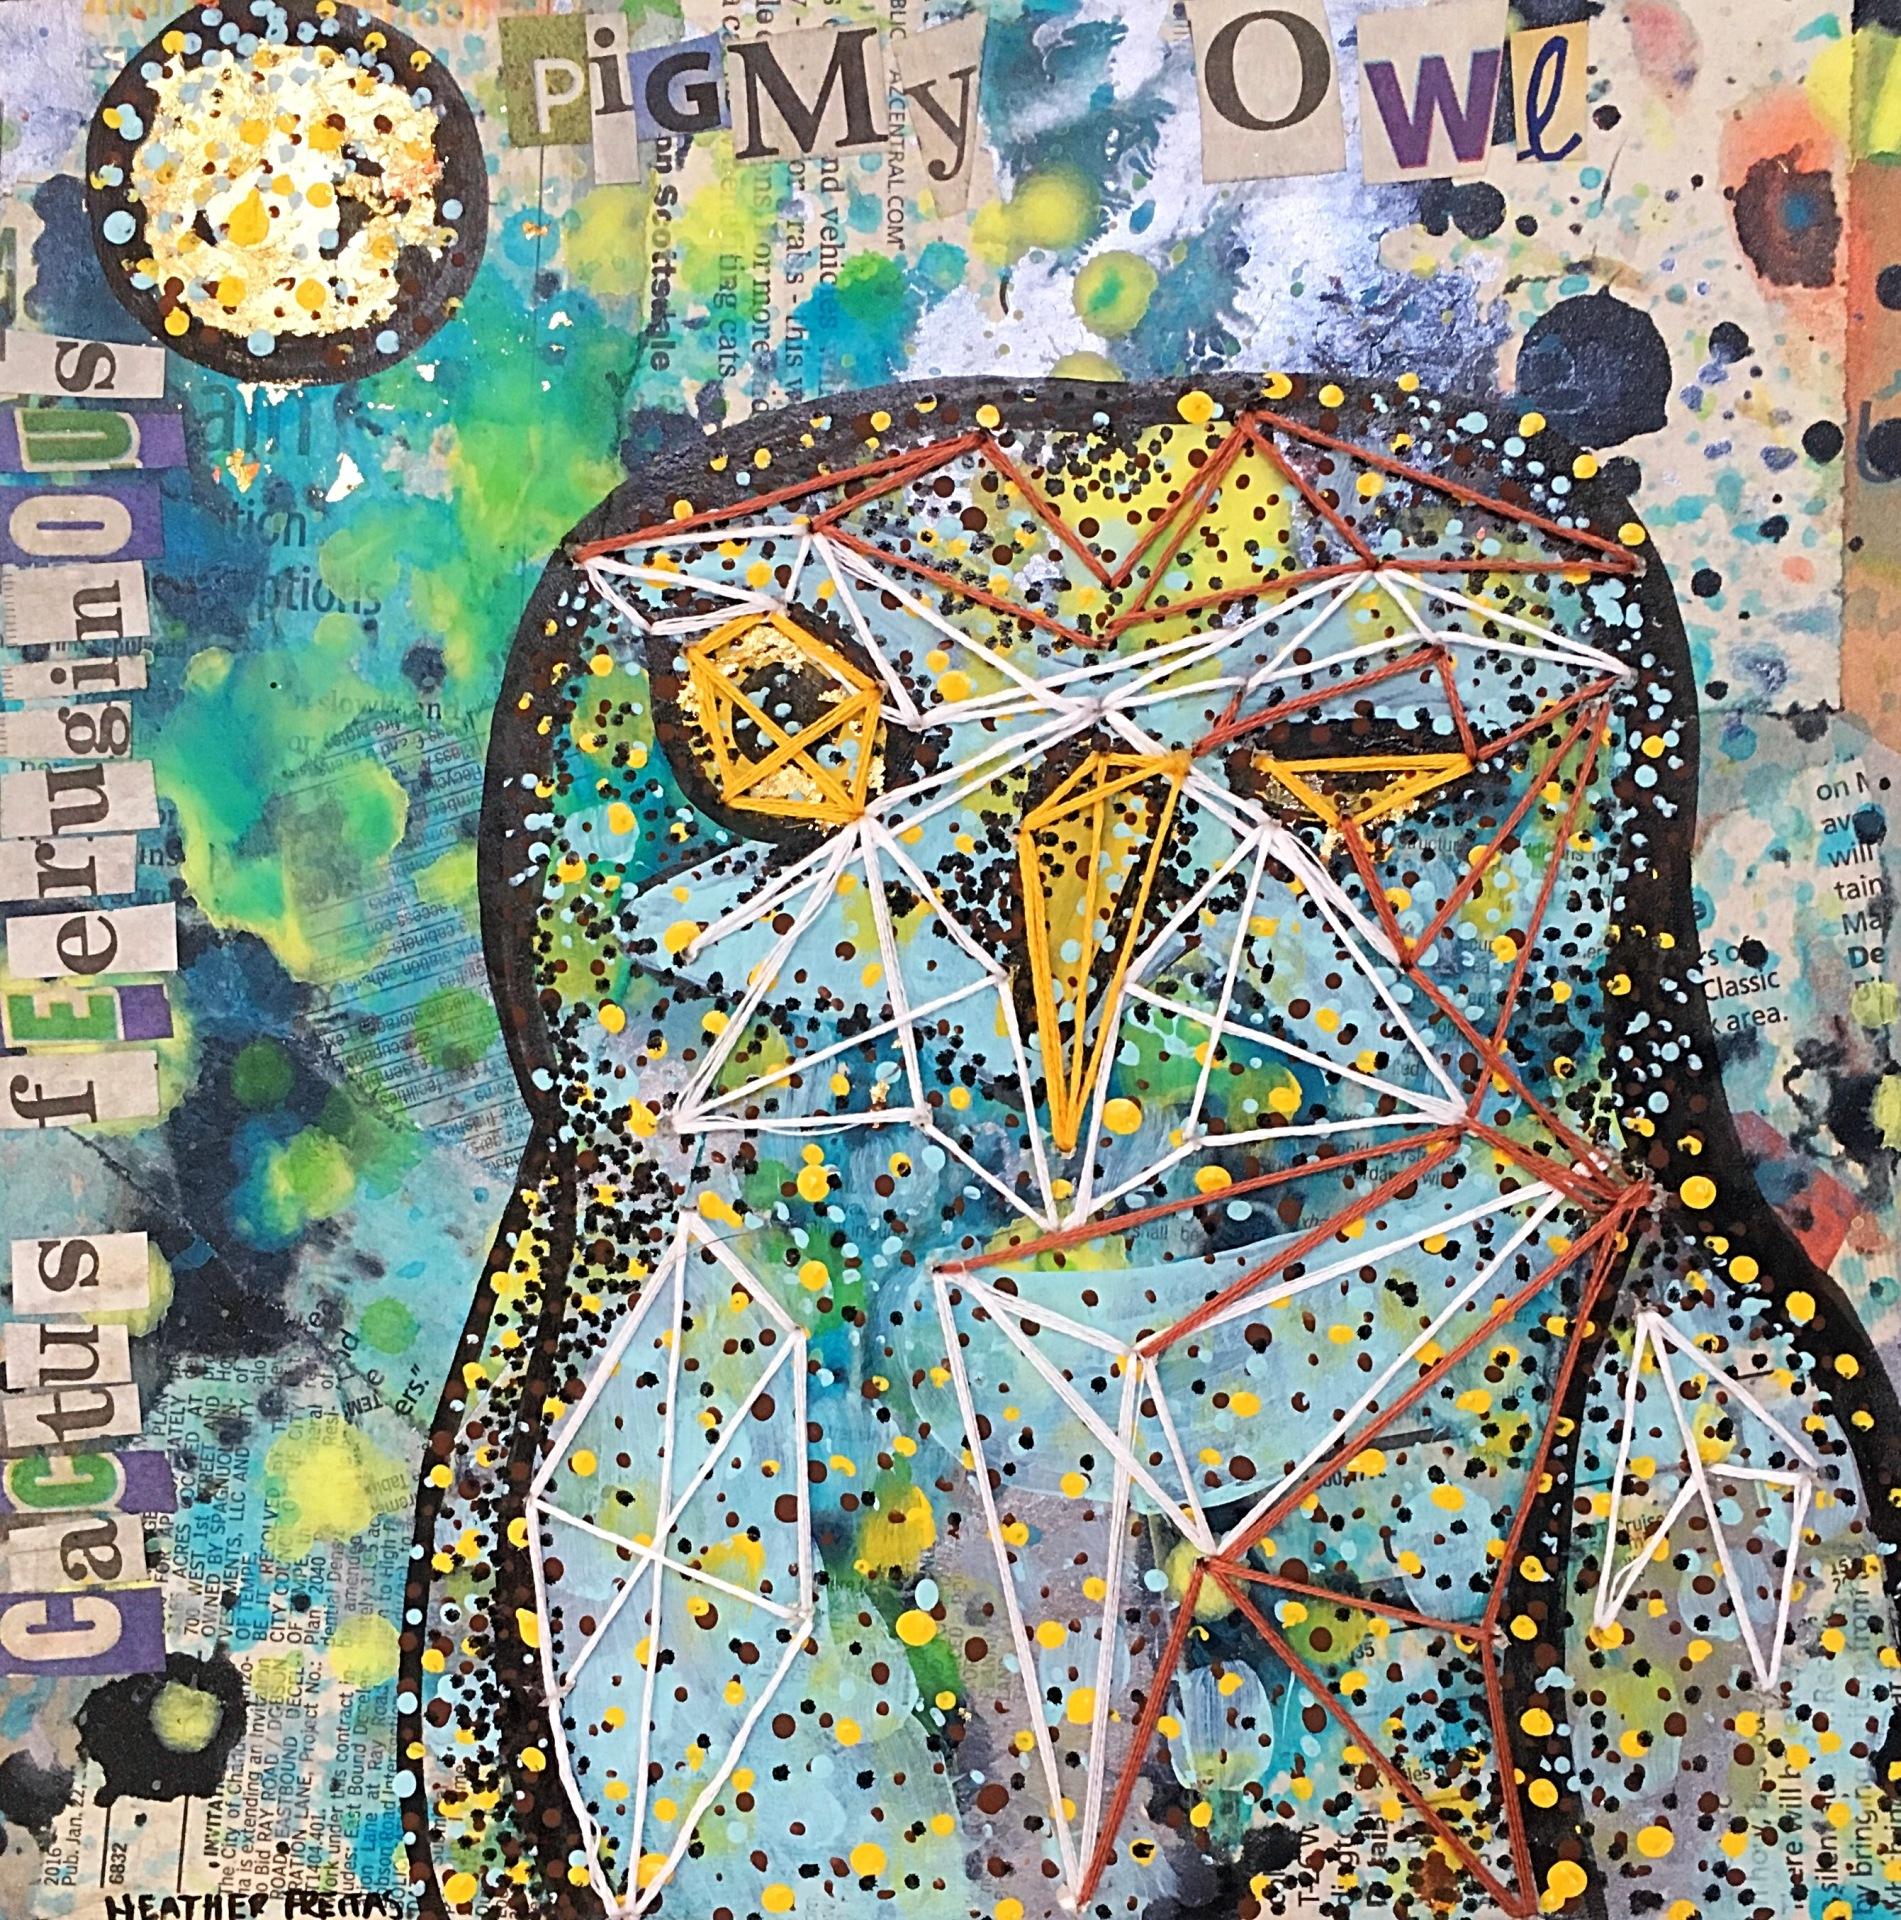 Cactus Feeruginous Pigmy Owl